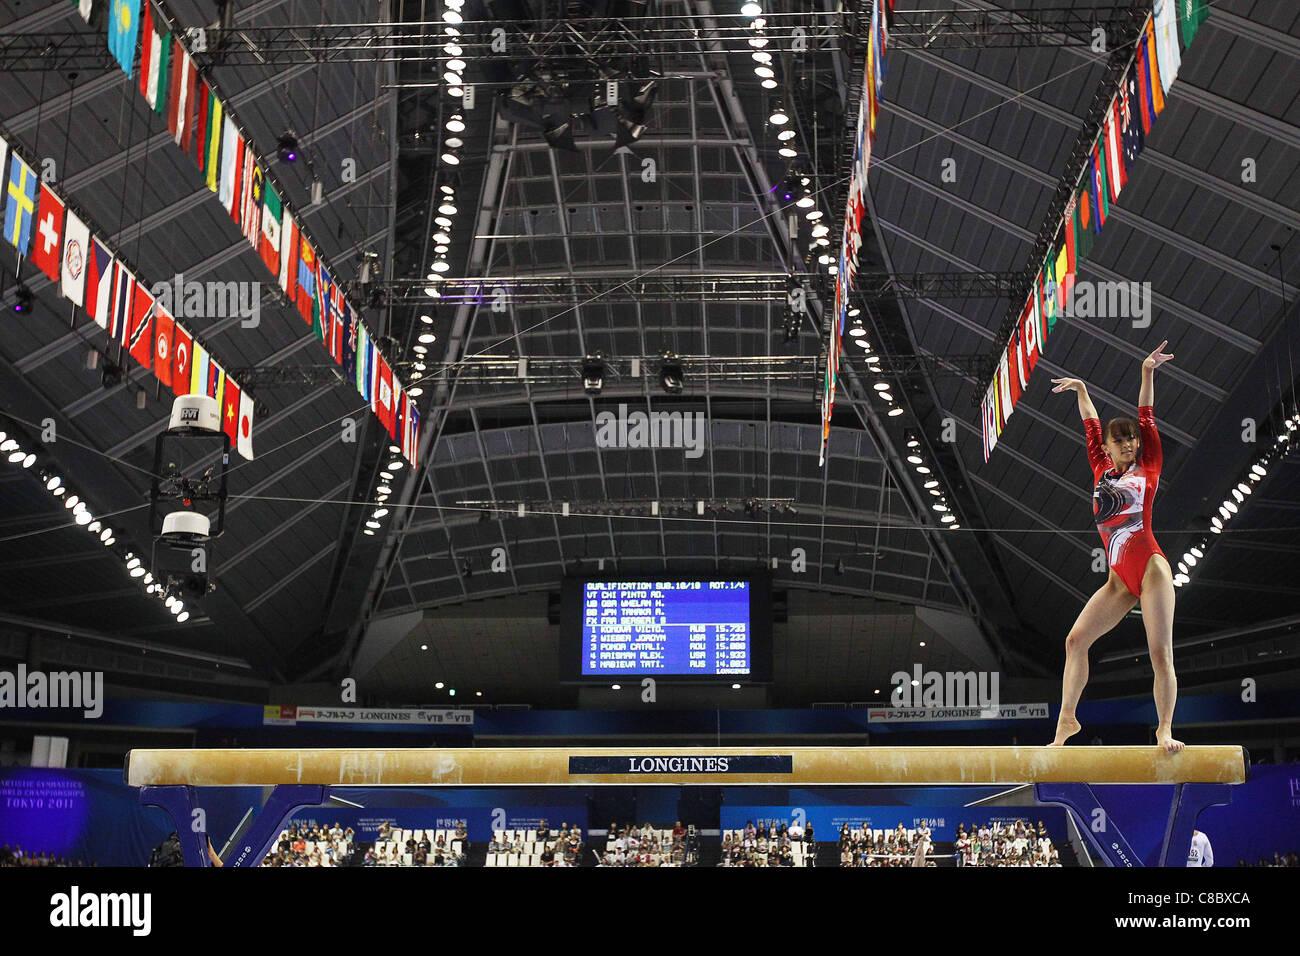 Rie Tanaka (JPN) effectue au cours de la FIG de gymnastique artistique monde Tokyo 2011 championnats. Photo Stock